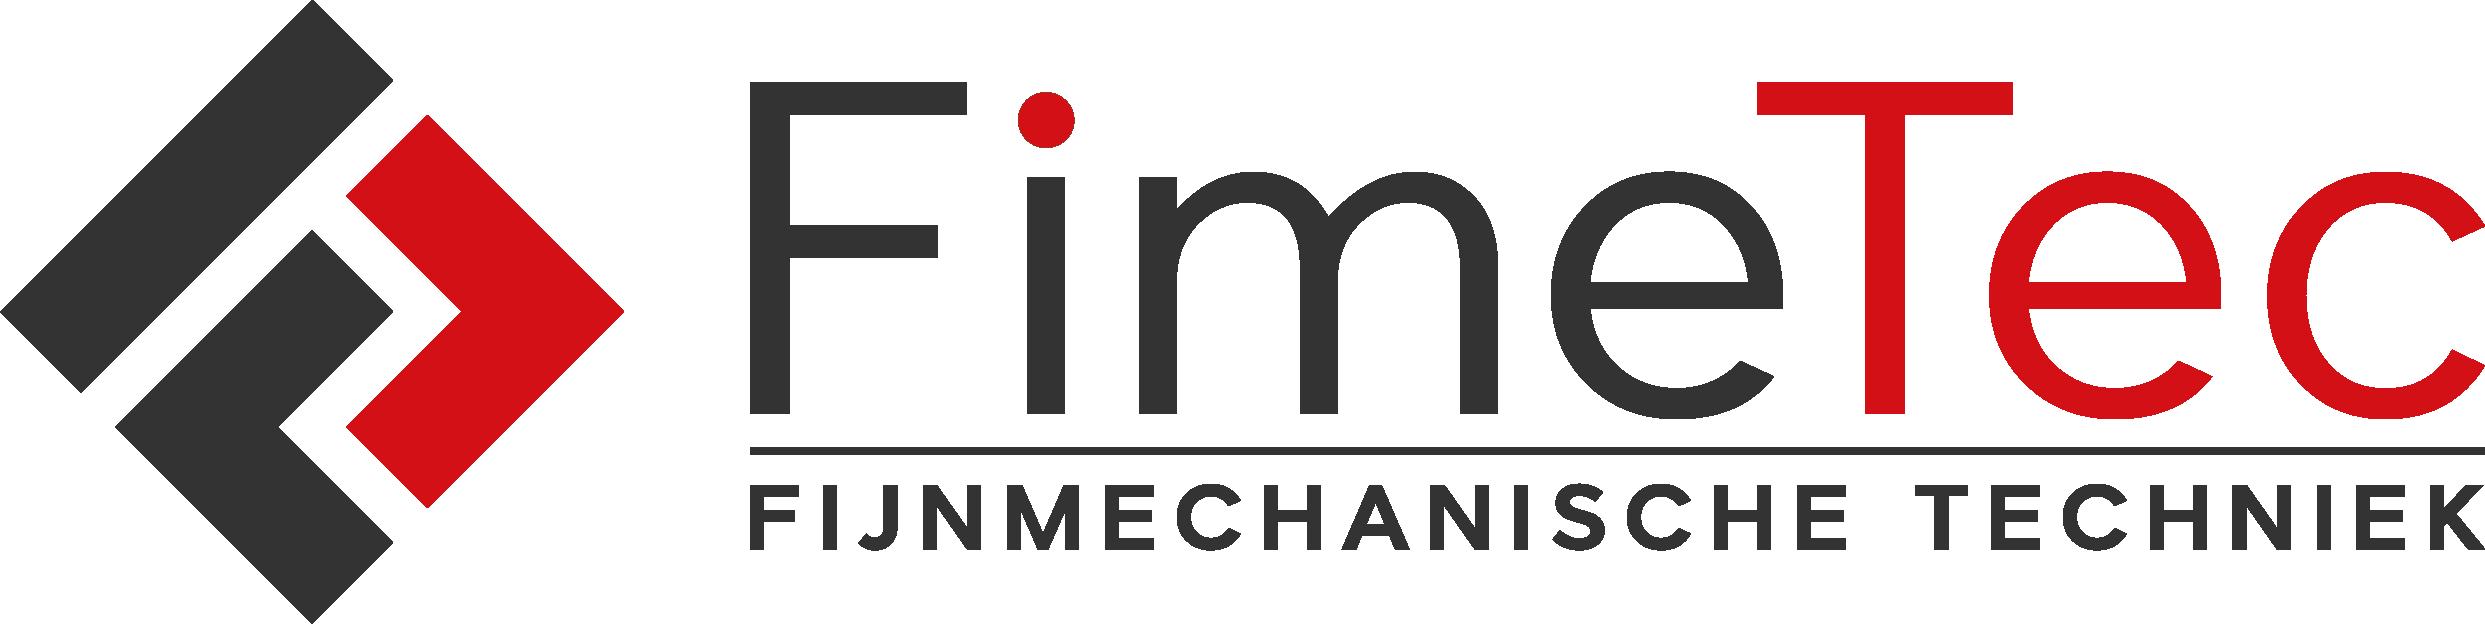 Fimetec | Fijnmechanische Techniek